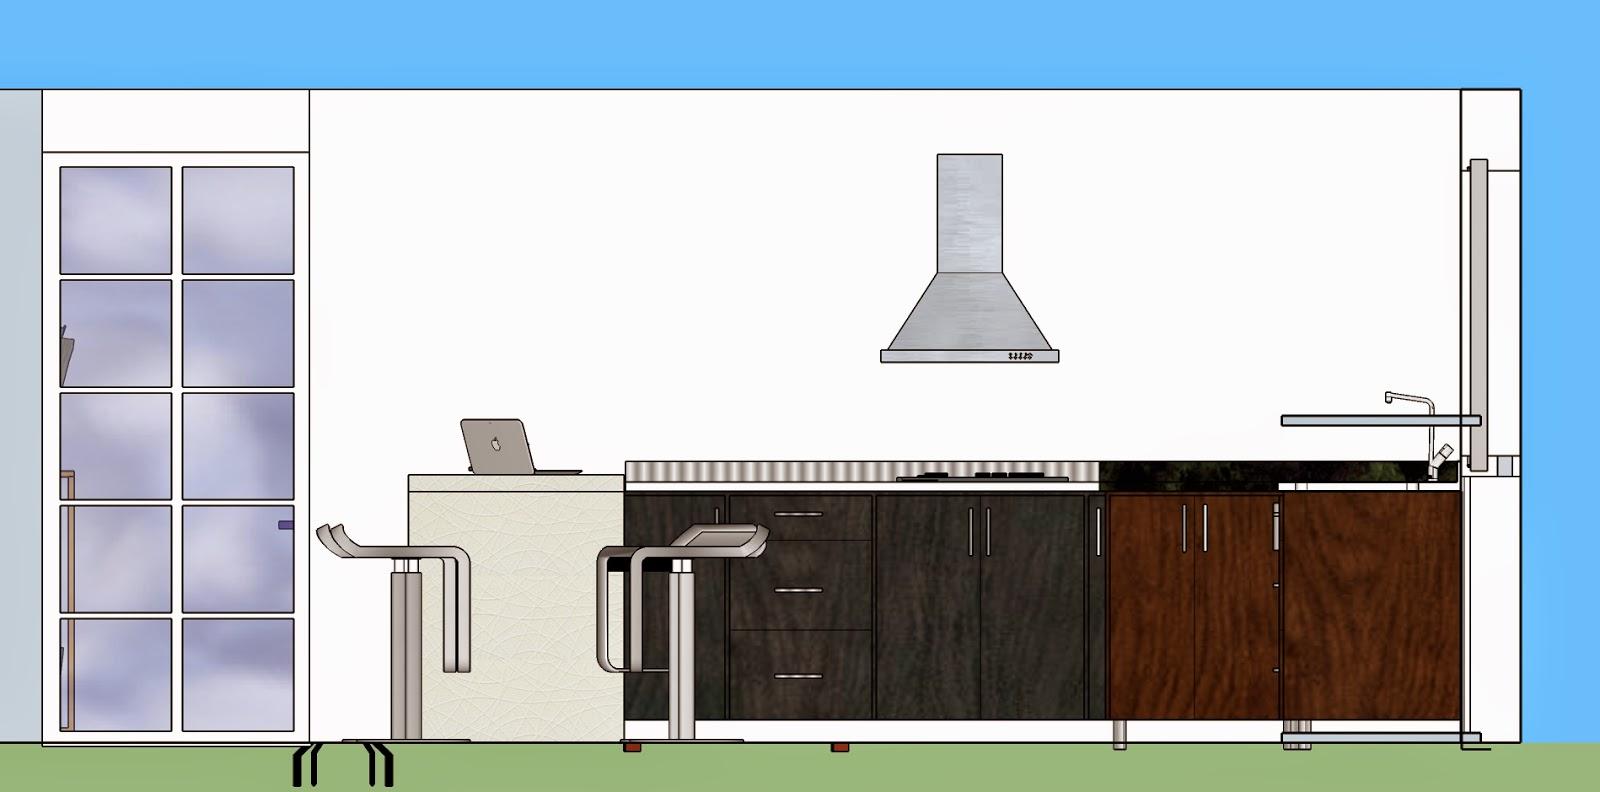 Arquitectura universidad del norte cocina y zona de labores for Cocina definicion arquitectura